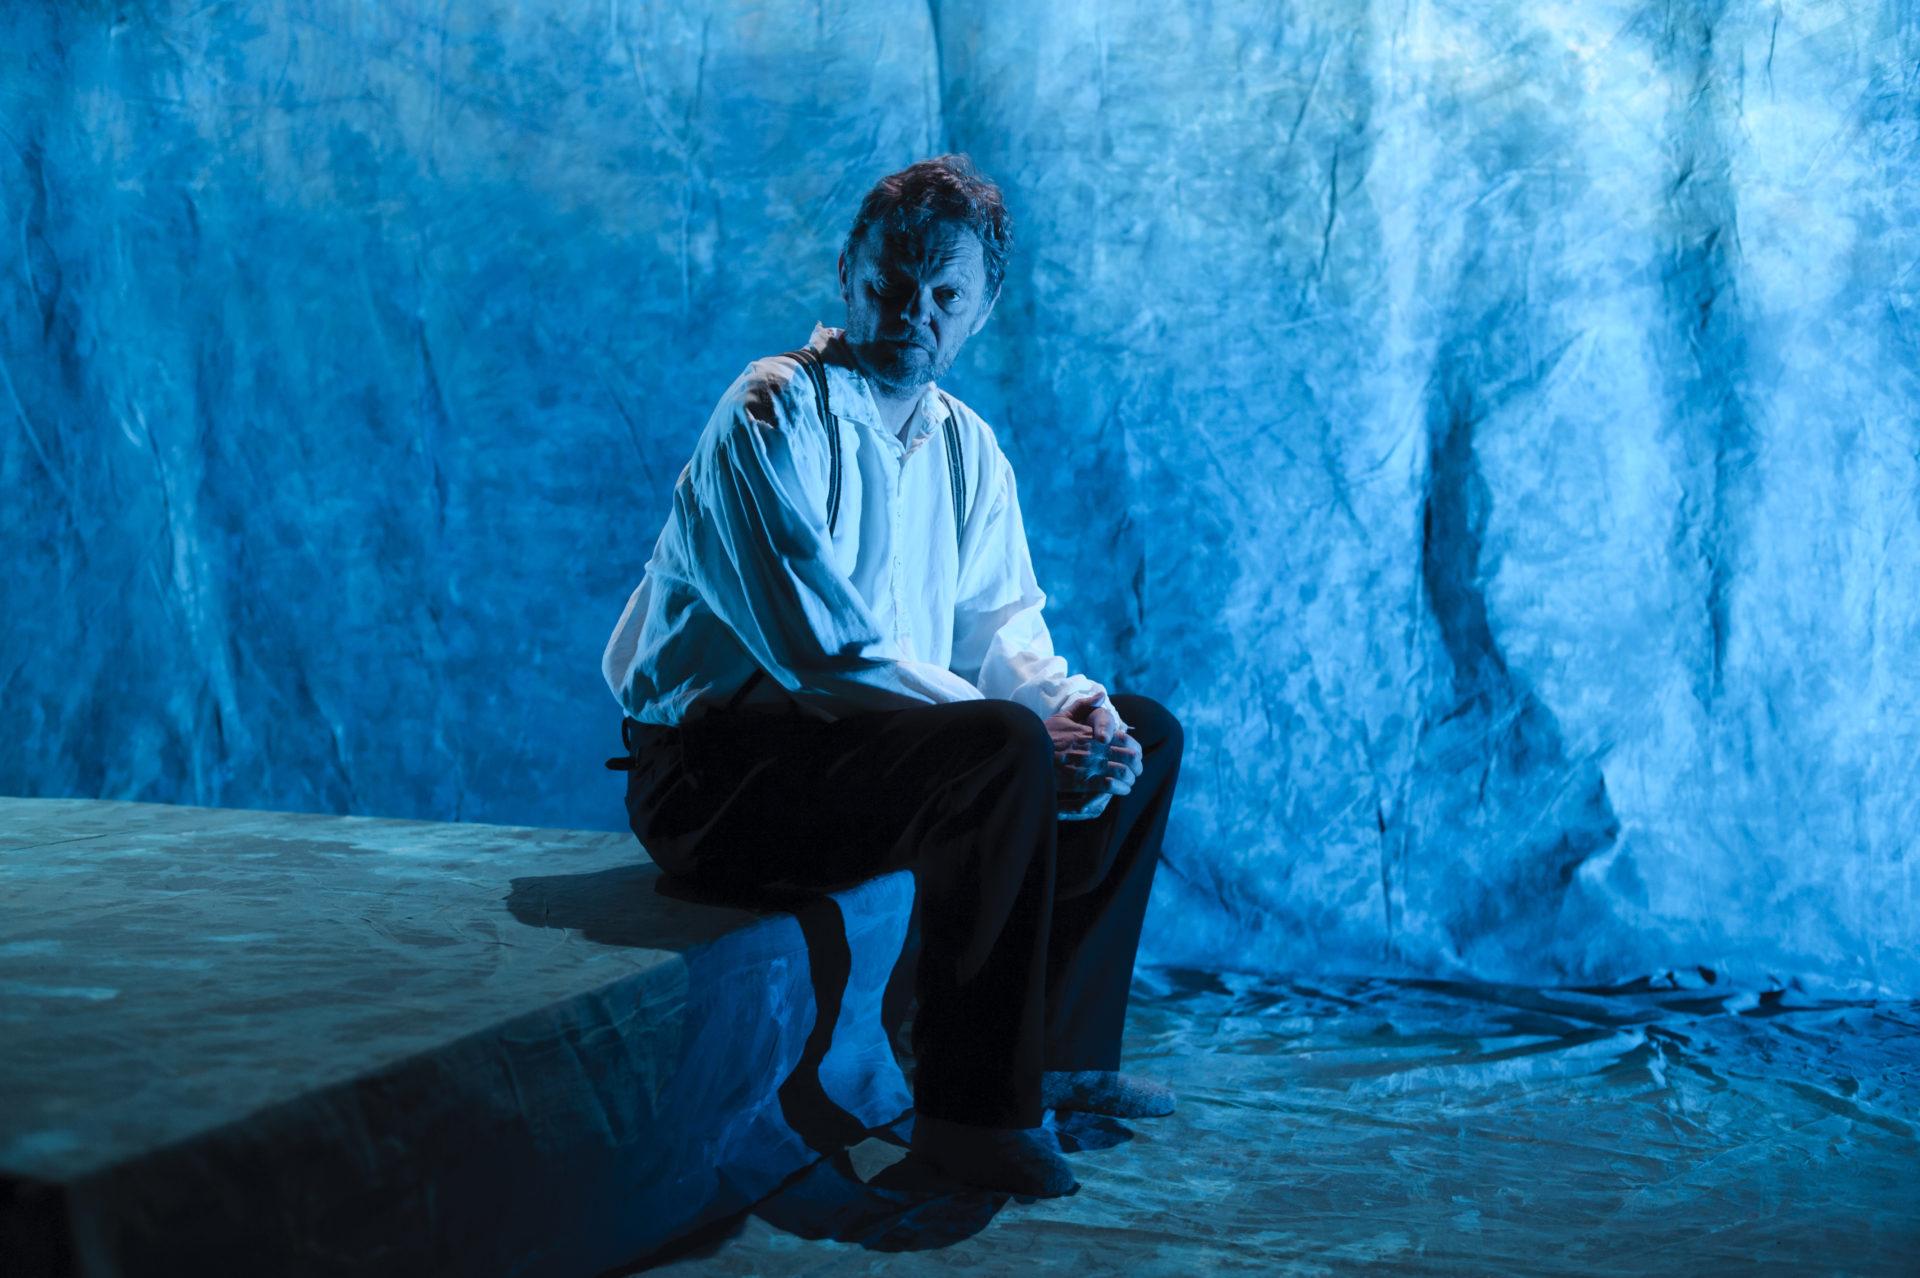 mann sitter alene